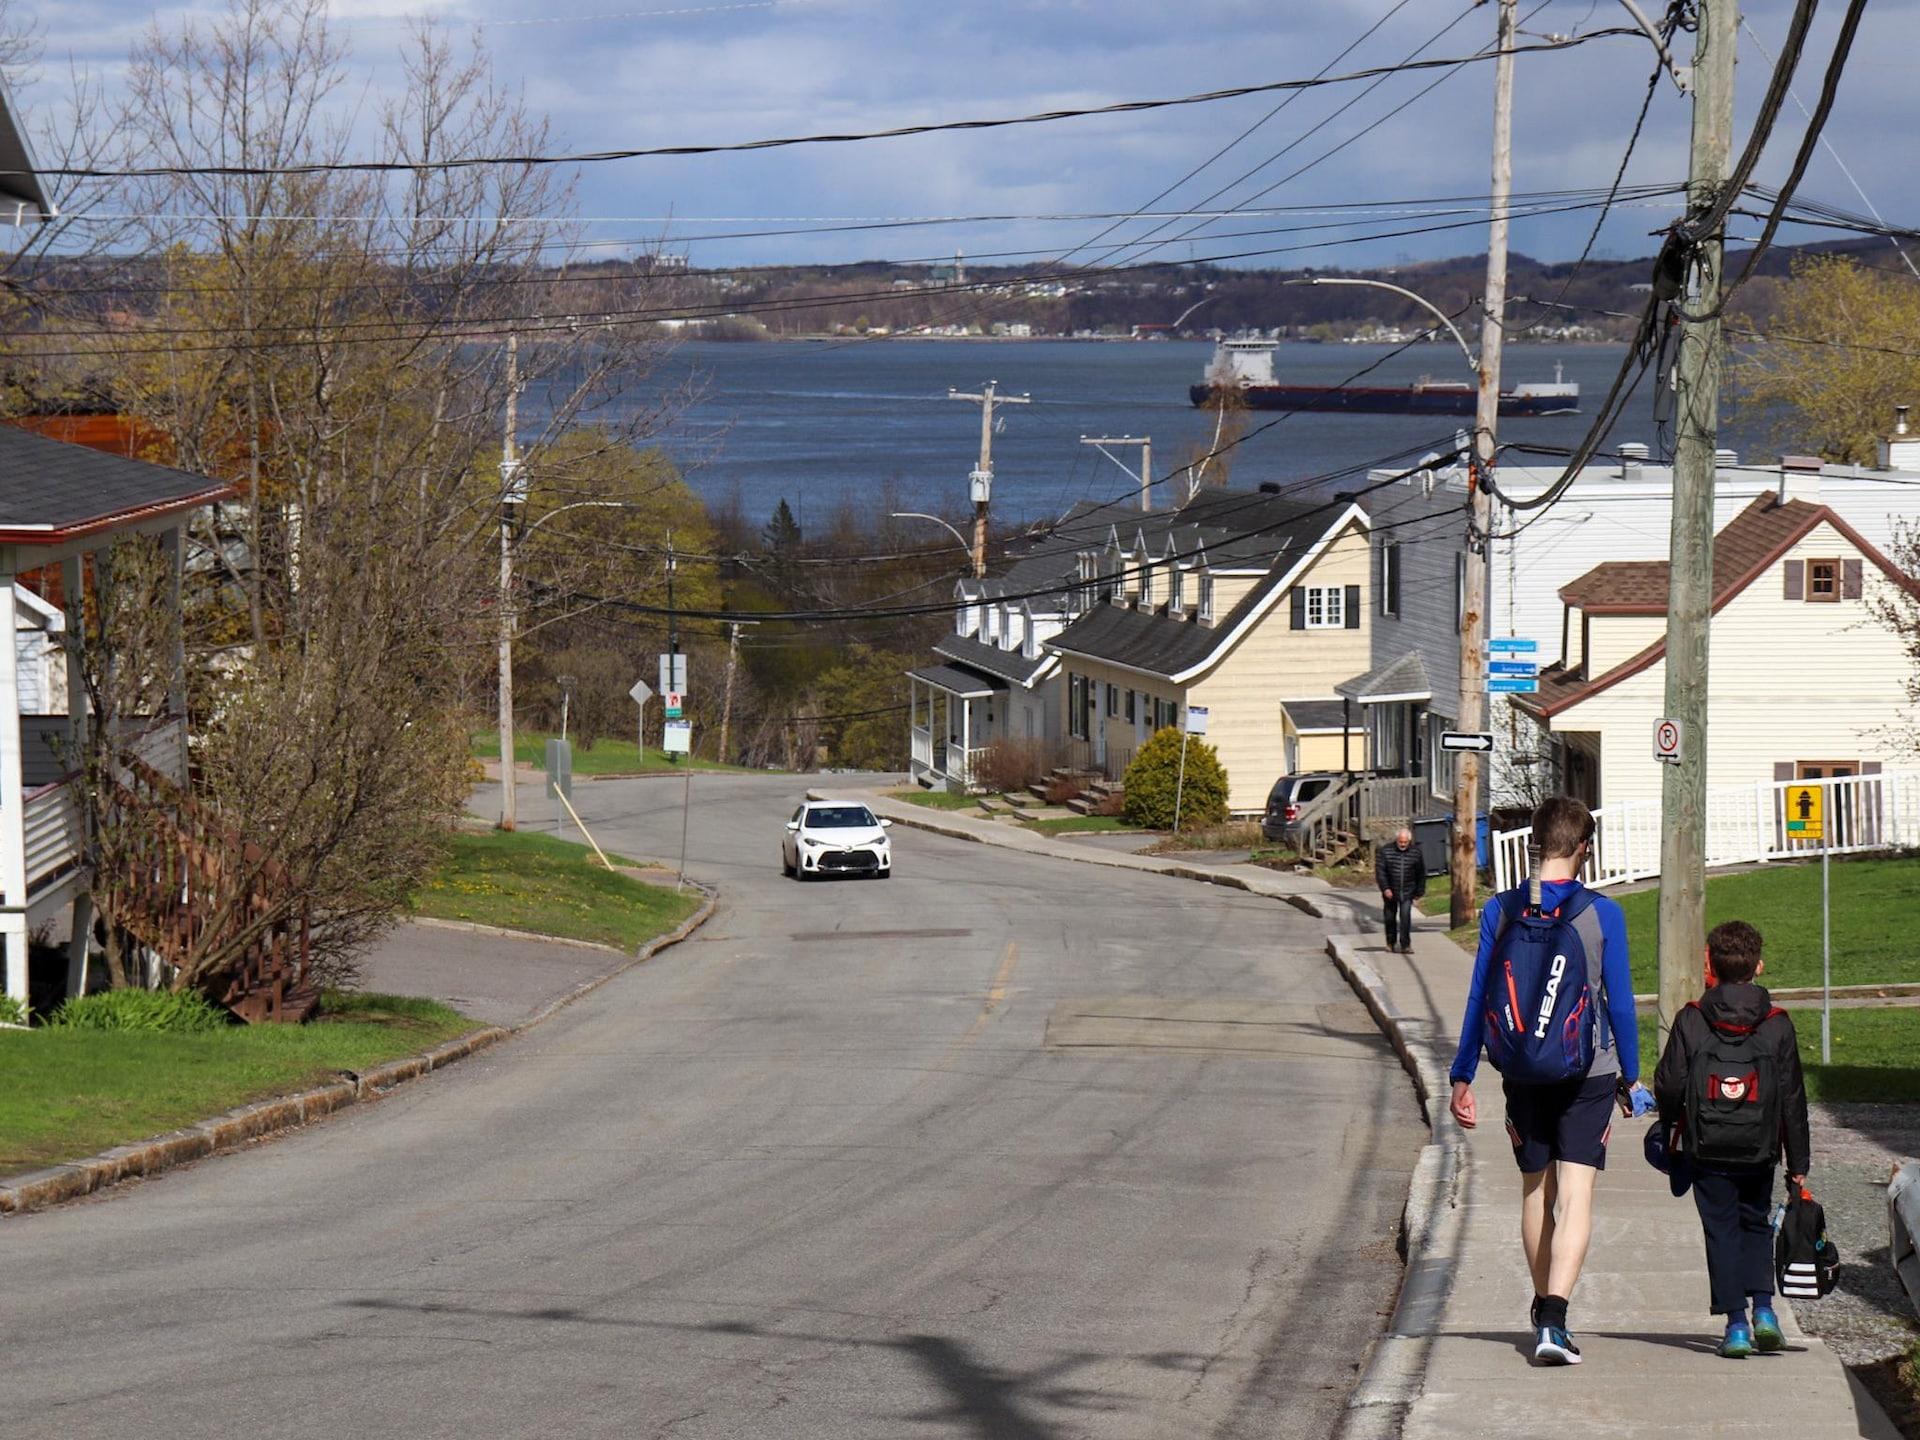 Deux enfants marchent le long d'une côte. Ils portent des sacs de sports. On voit un homme monter au loin et une voiture. Il fait beau, et le fleuve s'étale à perte de vue en bas, avec un bateau-conteneur filant vers l'ouest.